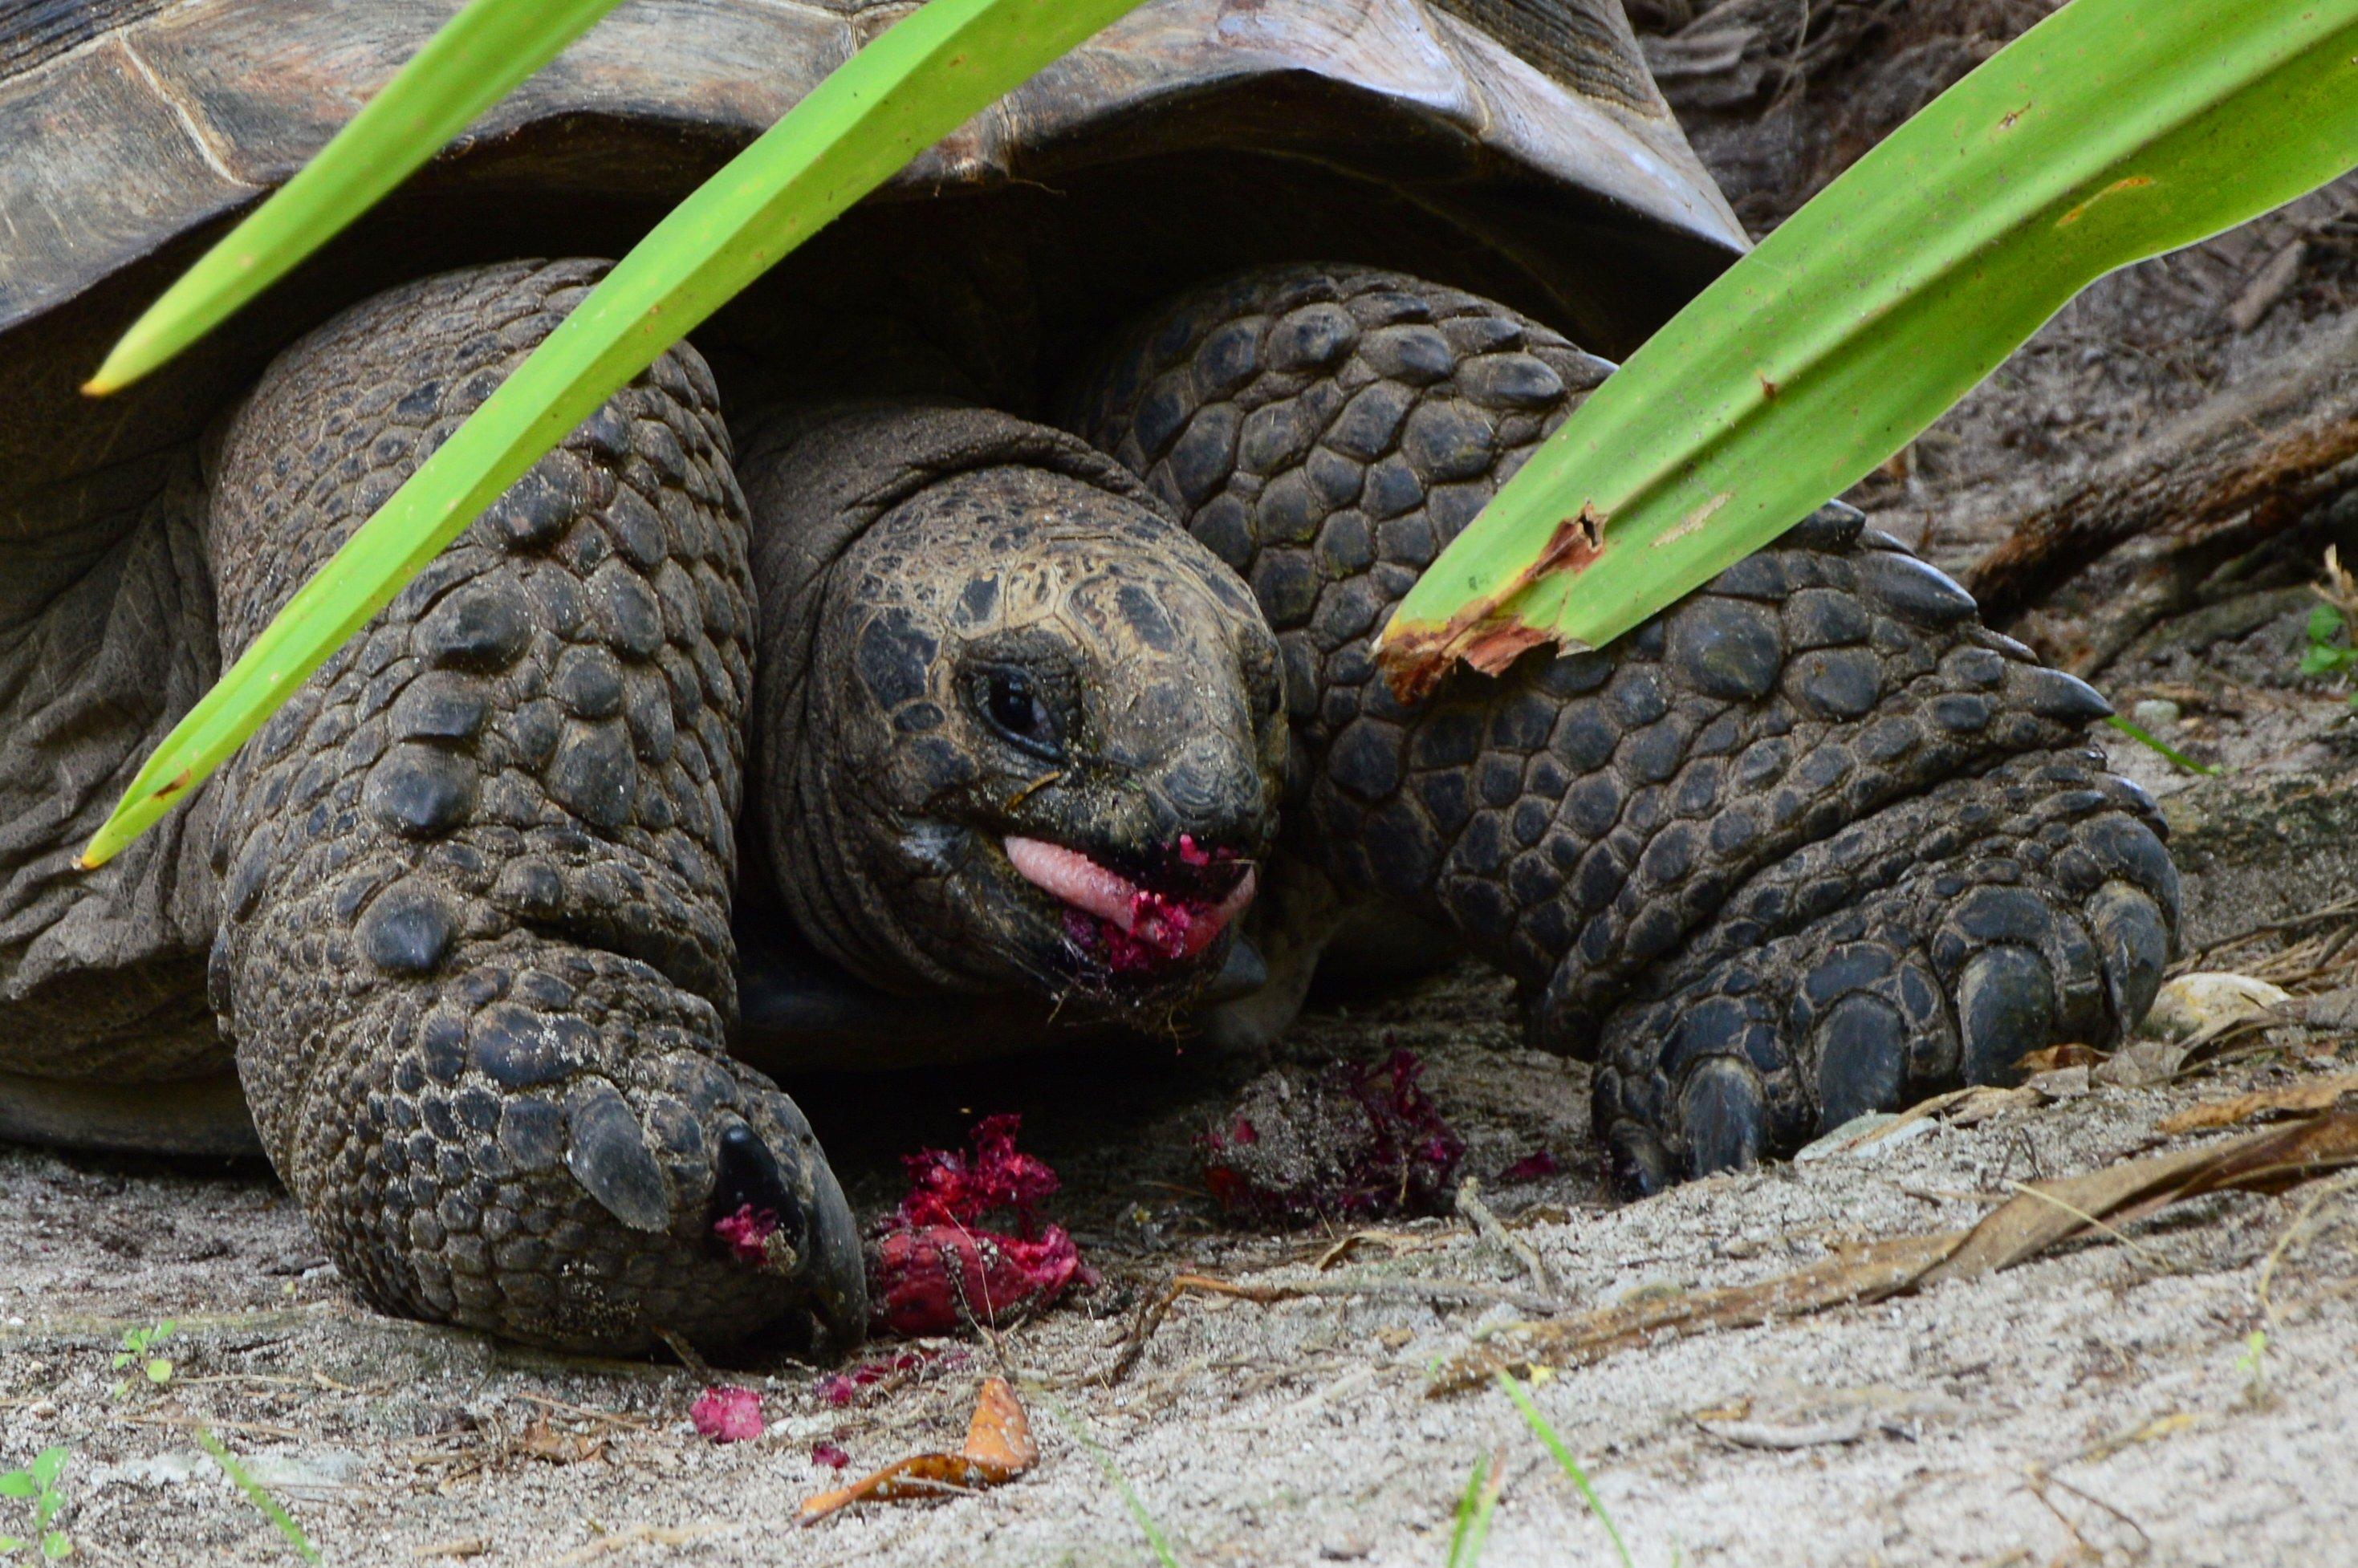 Aldabra giant tortoises on D'Arros   SOSF D'Arros Research Centre